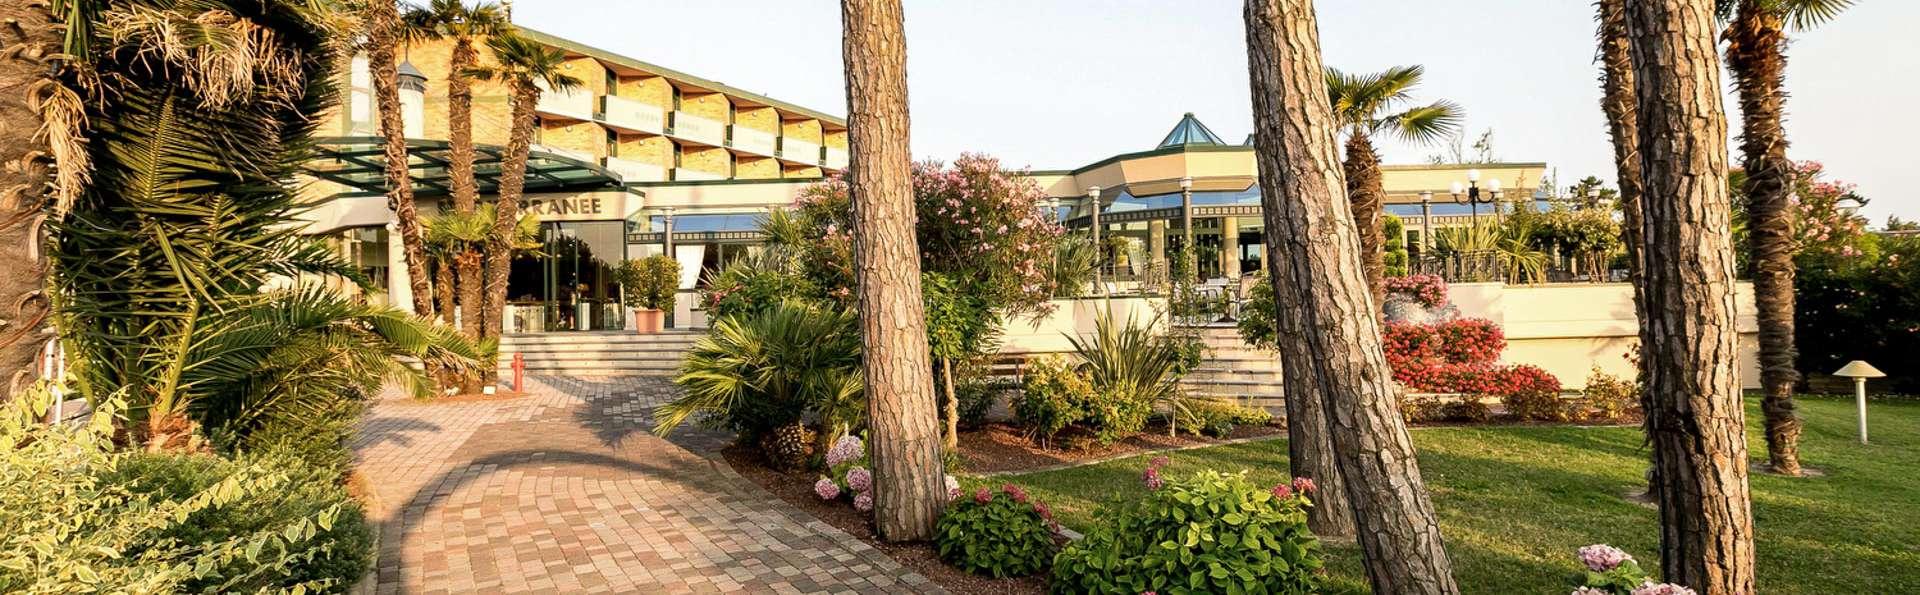 Mediterranee Family & Spa Hotel - EDIT_EXTERIOR_01.jpg